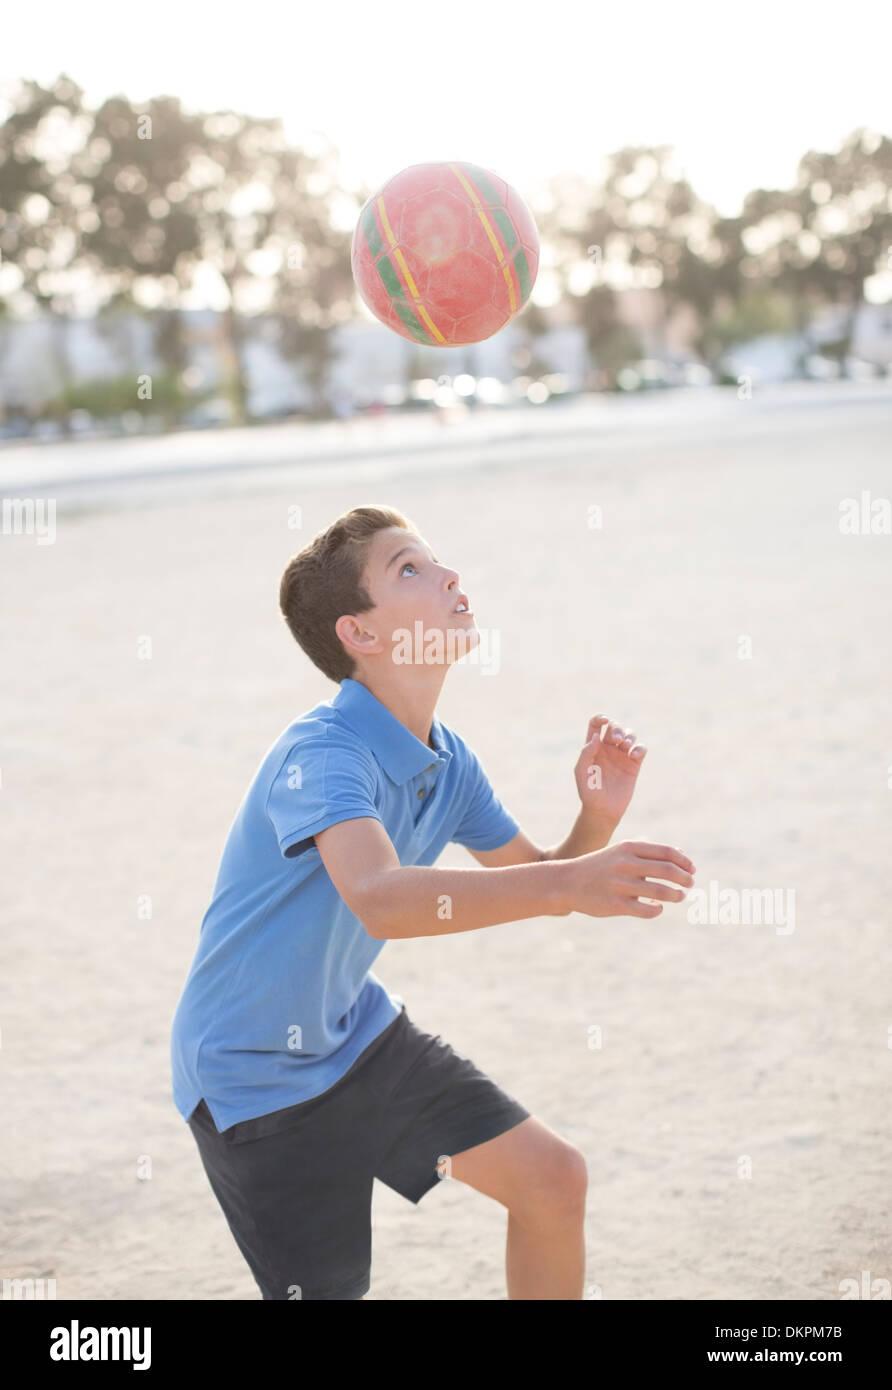 Garçon rubrique soccer ball Photo Stock